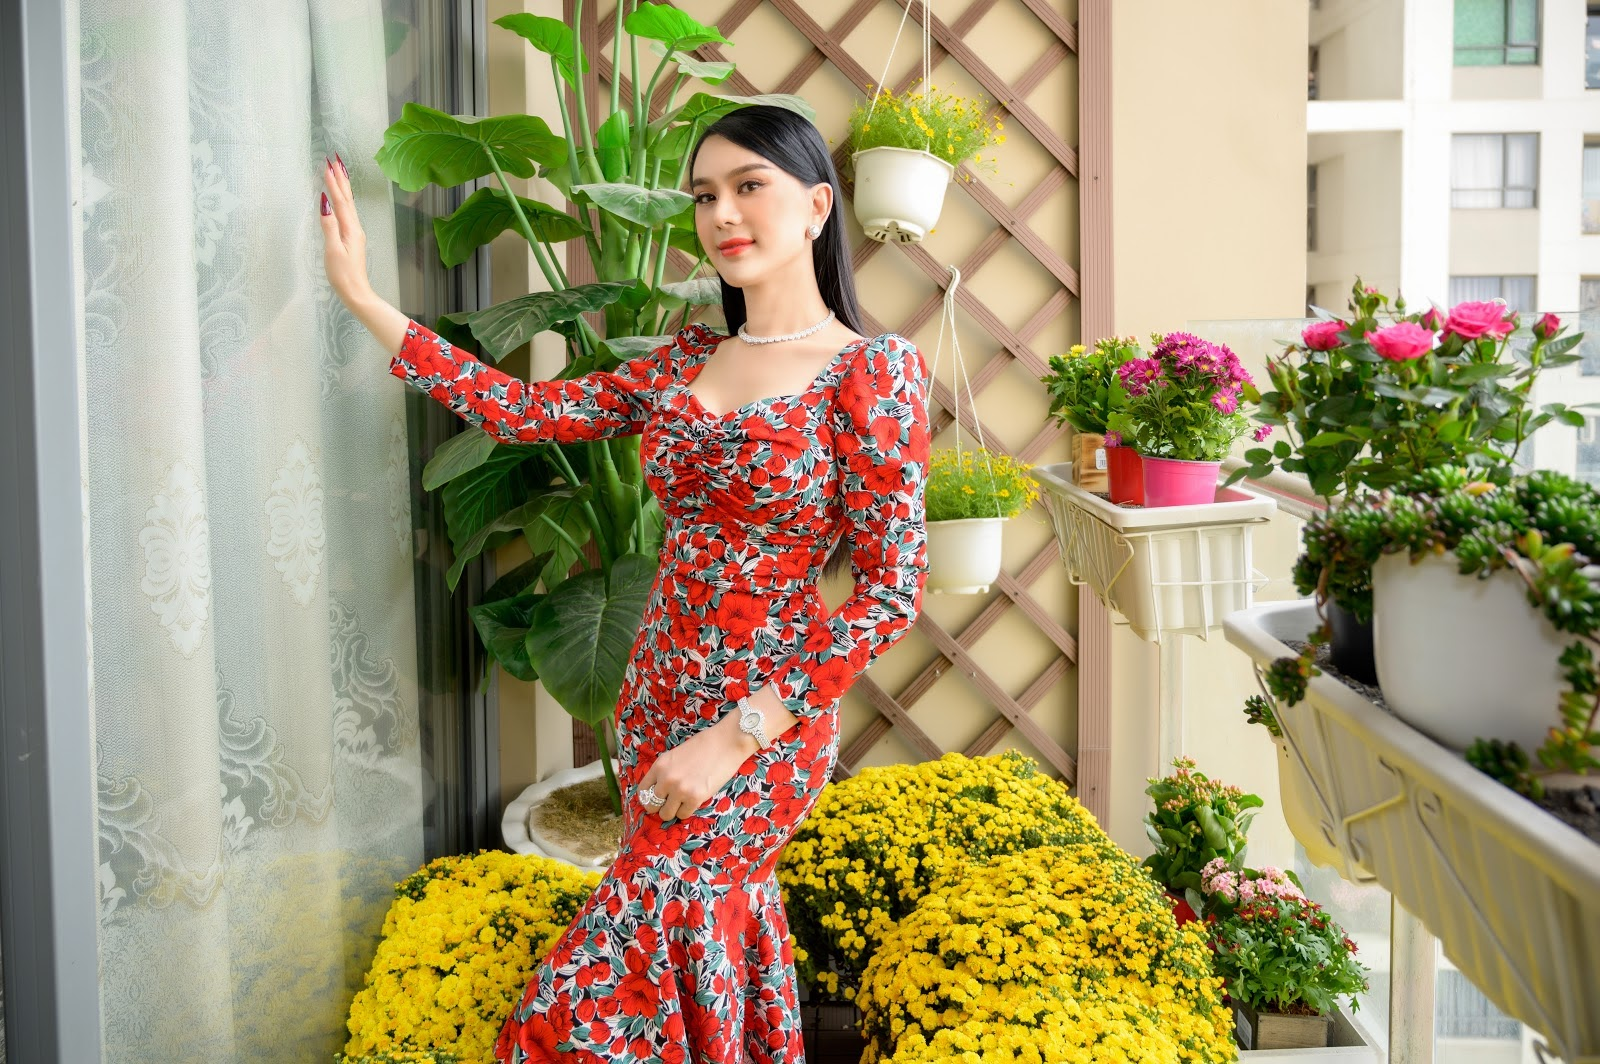 Vợ chồng Lâm Khánh Chi hạnh phúc trong ngôi nhà ngập tràn hoa đón Tết - Hình 2